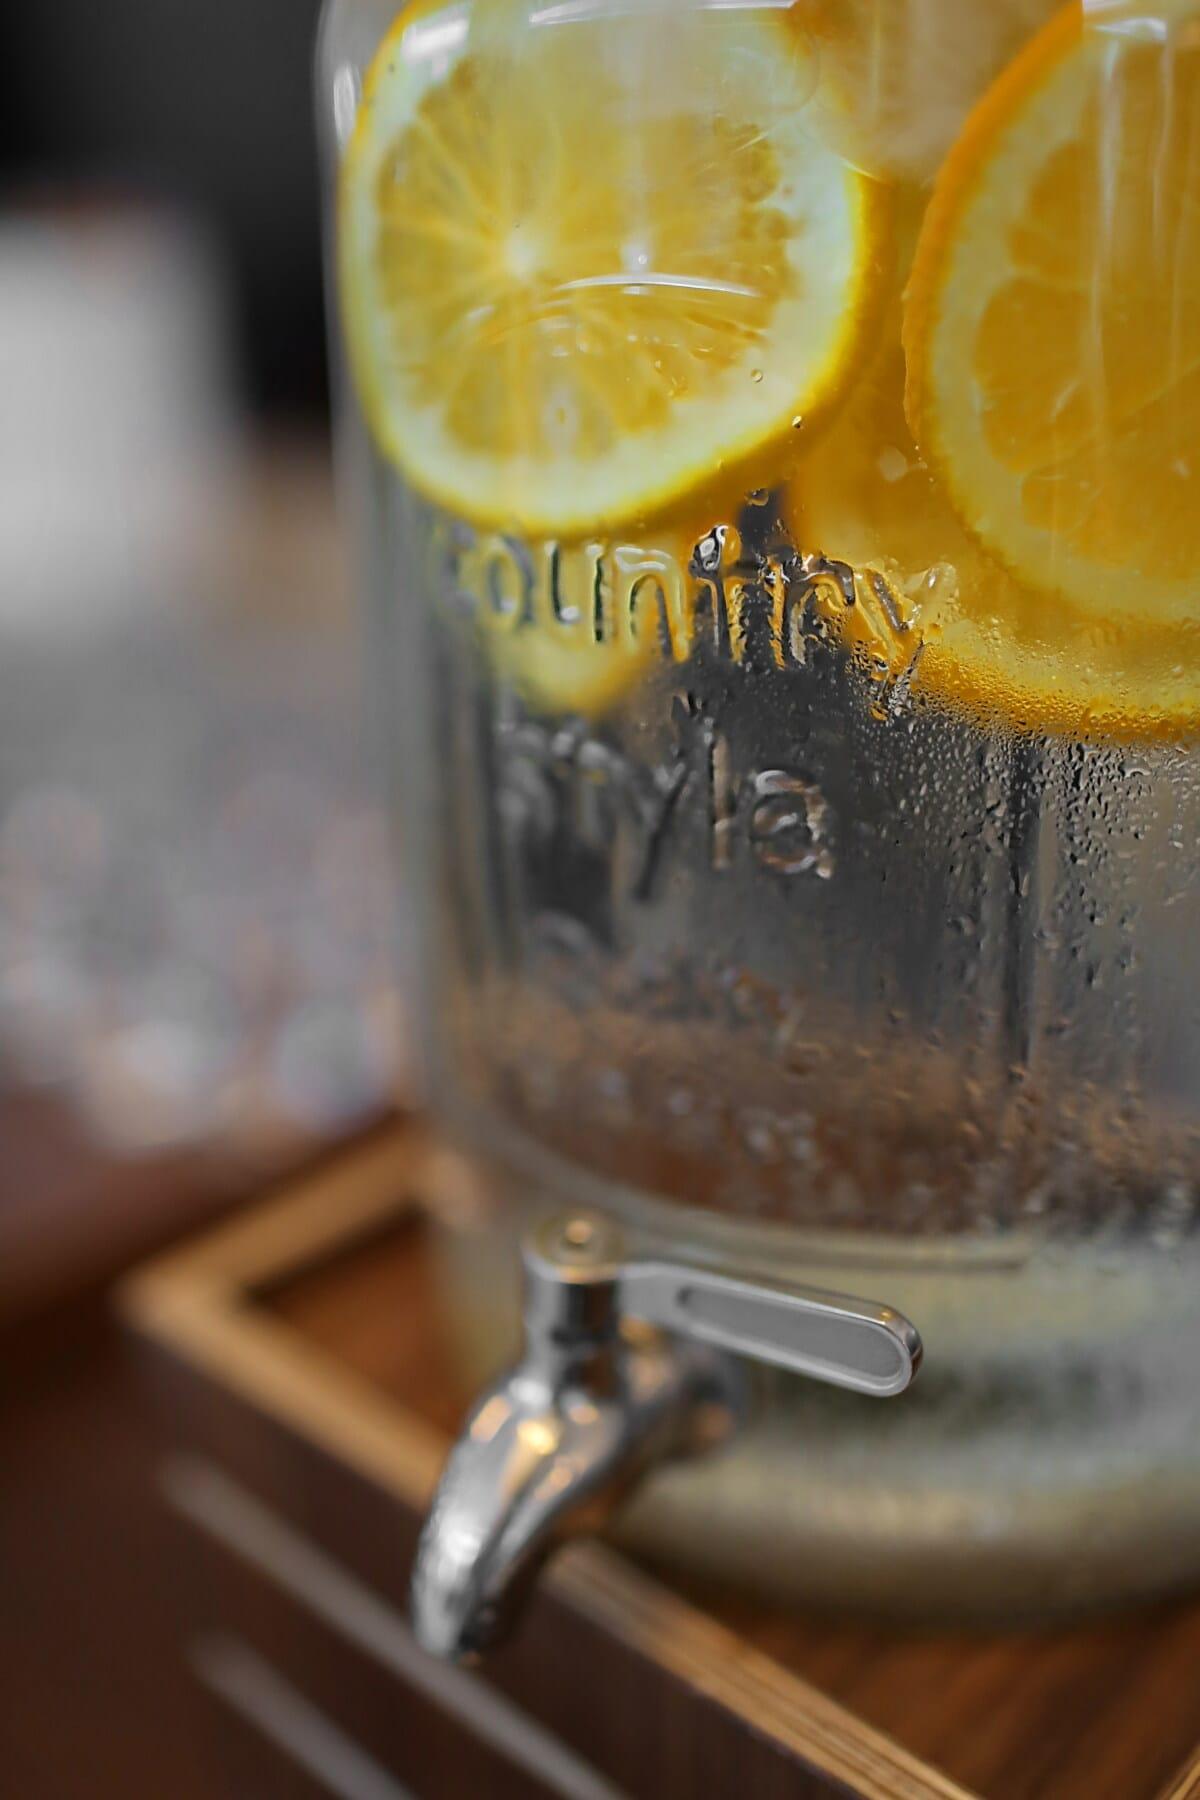 limonade, eau froide, eau potable, cocktail de fruits, frais, humidité, verre, boisson, à l'intérieur, Wet